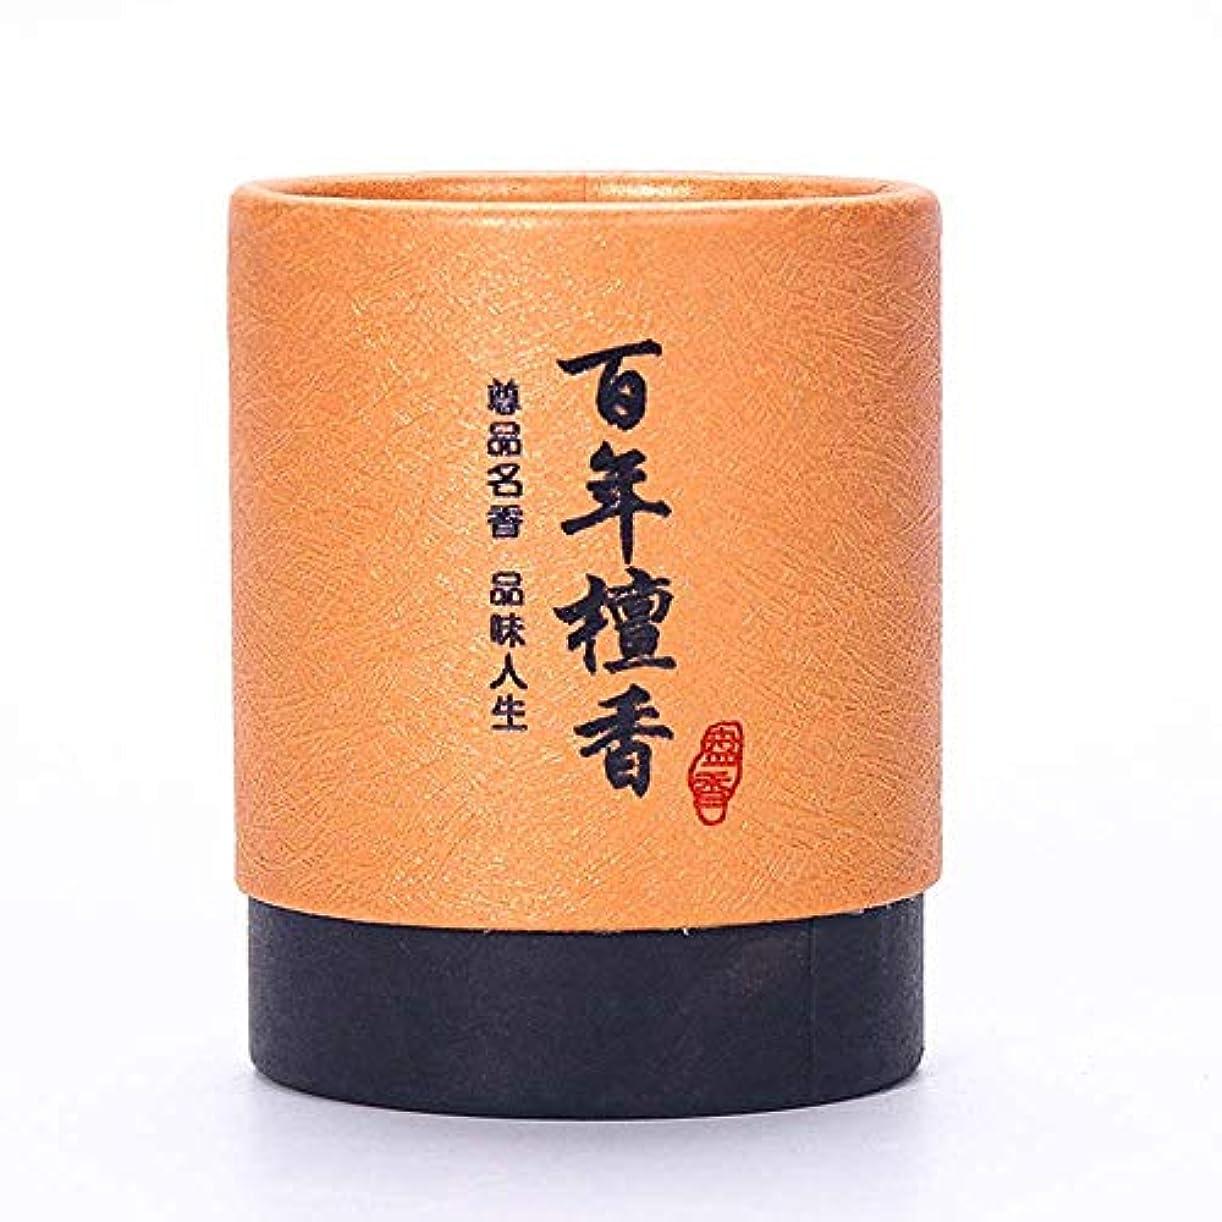 保守的無謀尊敬するHwaGui お香 2時間 盤香 渦巻き線香 優しい香り 48巻入 (百年檀香)